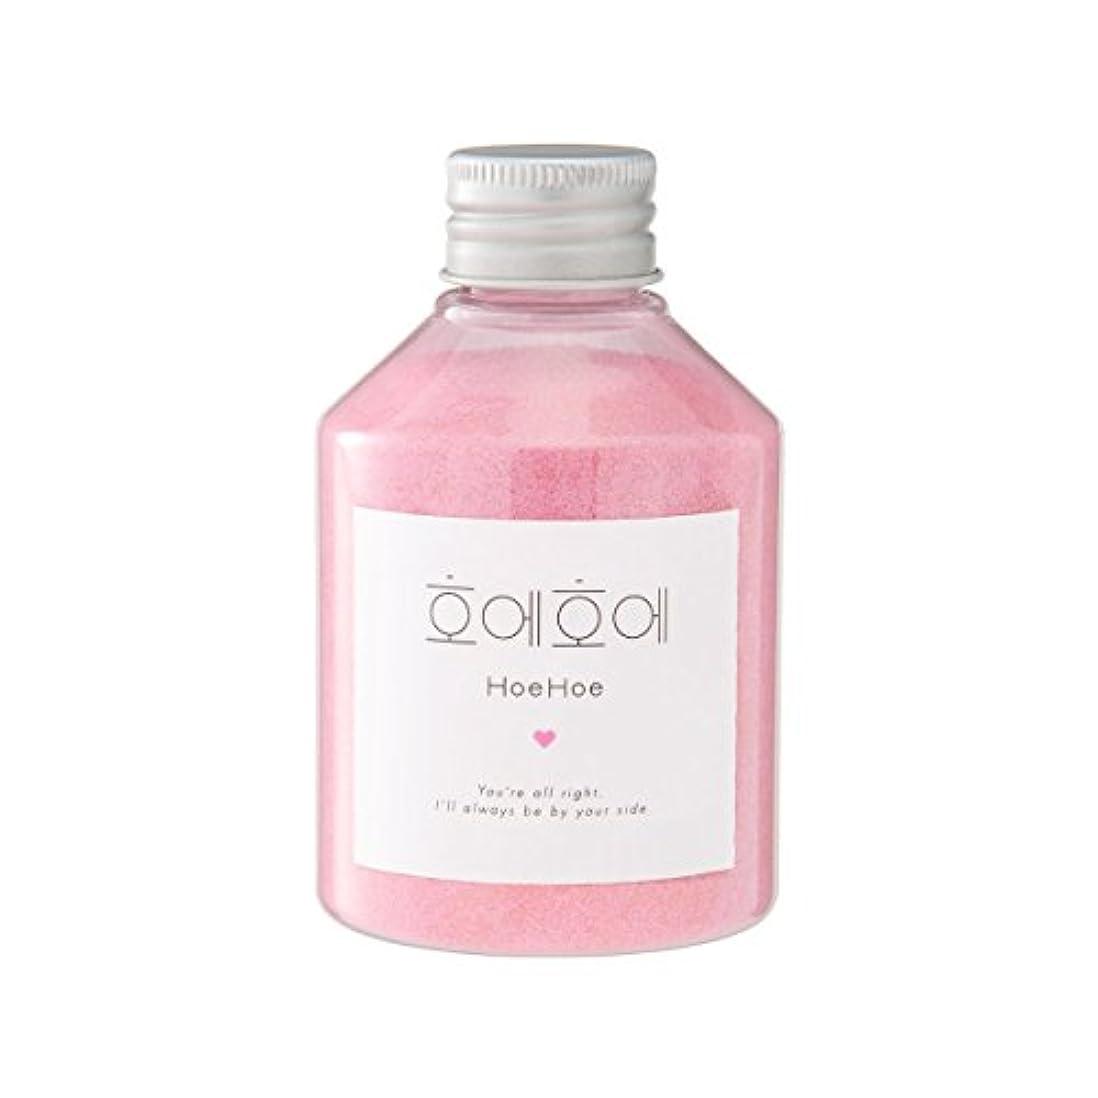 自分を引き上げる人気のパステルHoeHoe Bath Powder ローズの香り ホエホエ バスパウダー